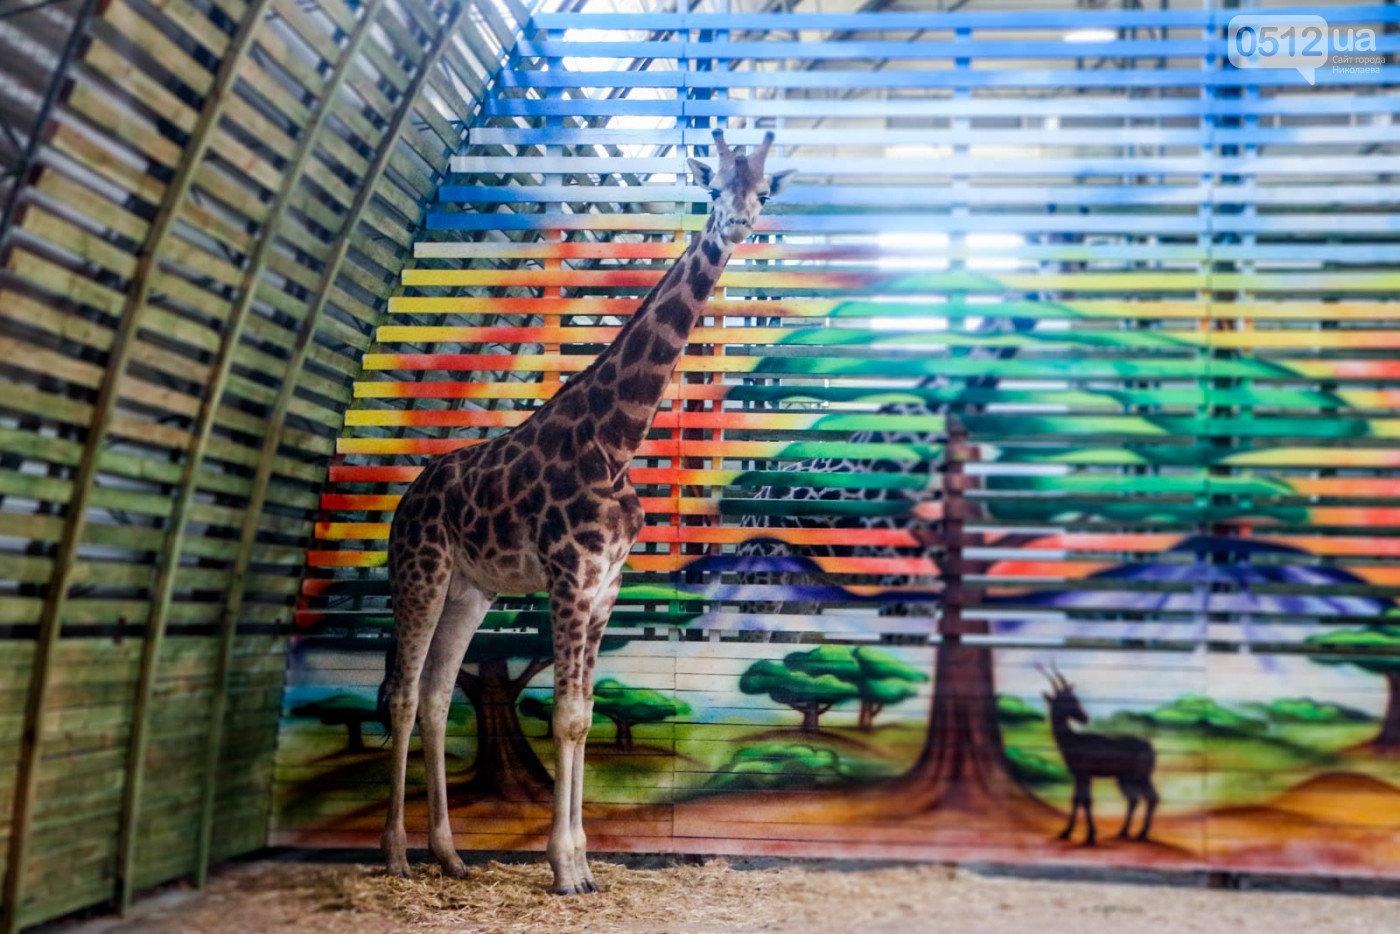 Жирафы ссорятся, а слоны играют: в Николаевском зоопарке рассказали о новичках, - ВИДЕО